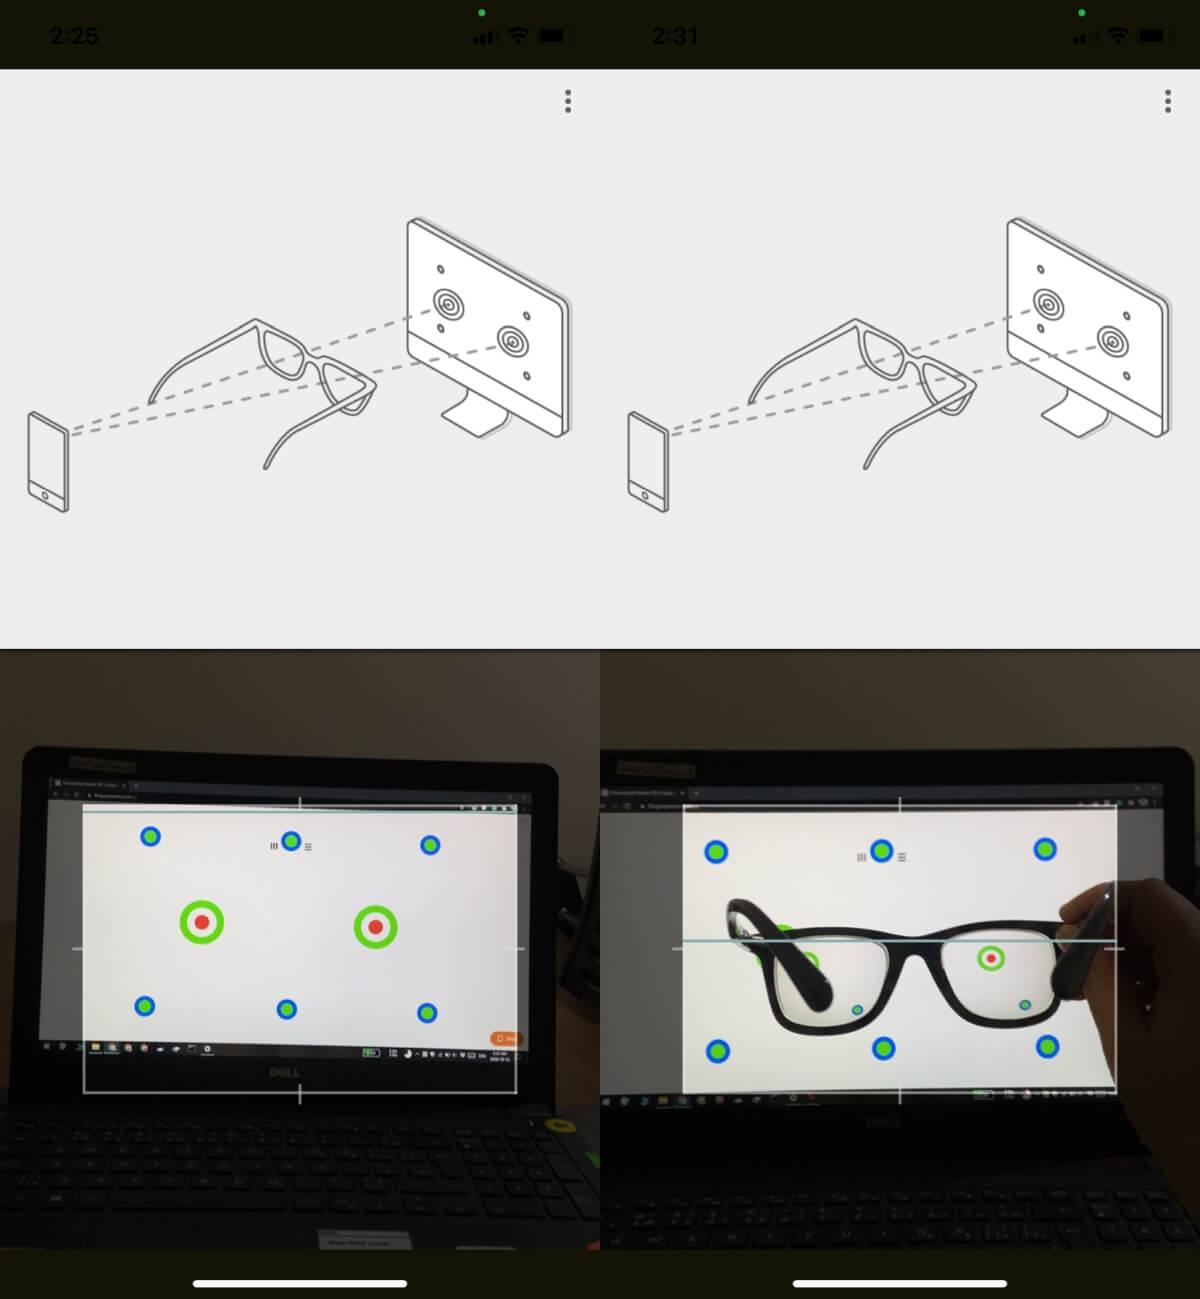 پیدا کردن نمره عینک از طریق خود عینک